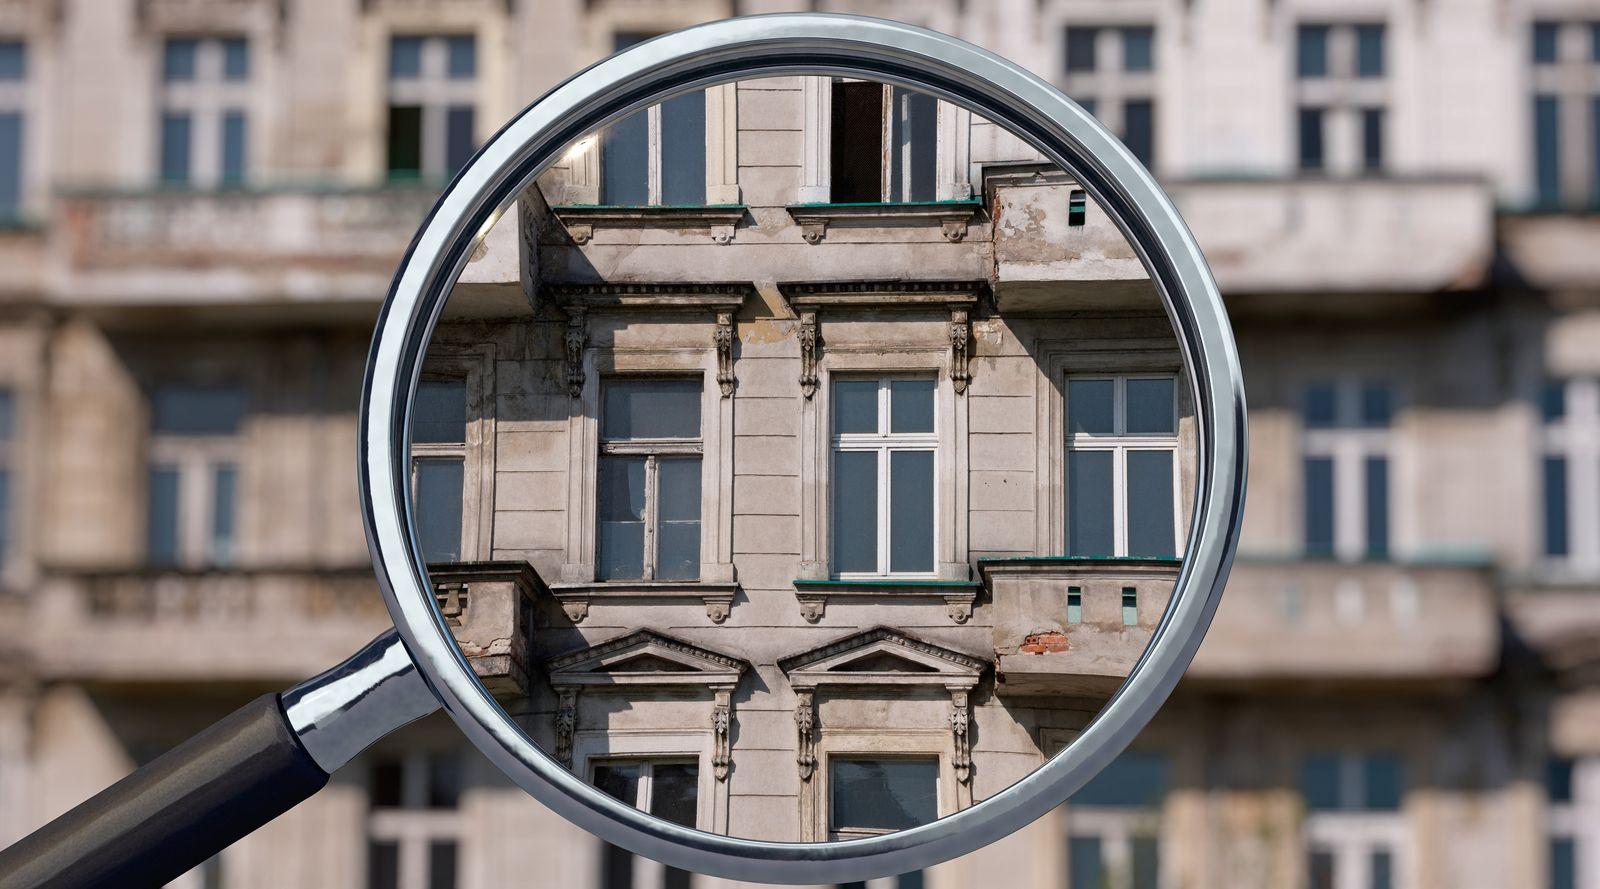 La rénovation énergétique des bâtiments : une nécessité pour la transition, une opportunité pour l'économie et la santé